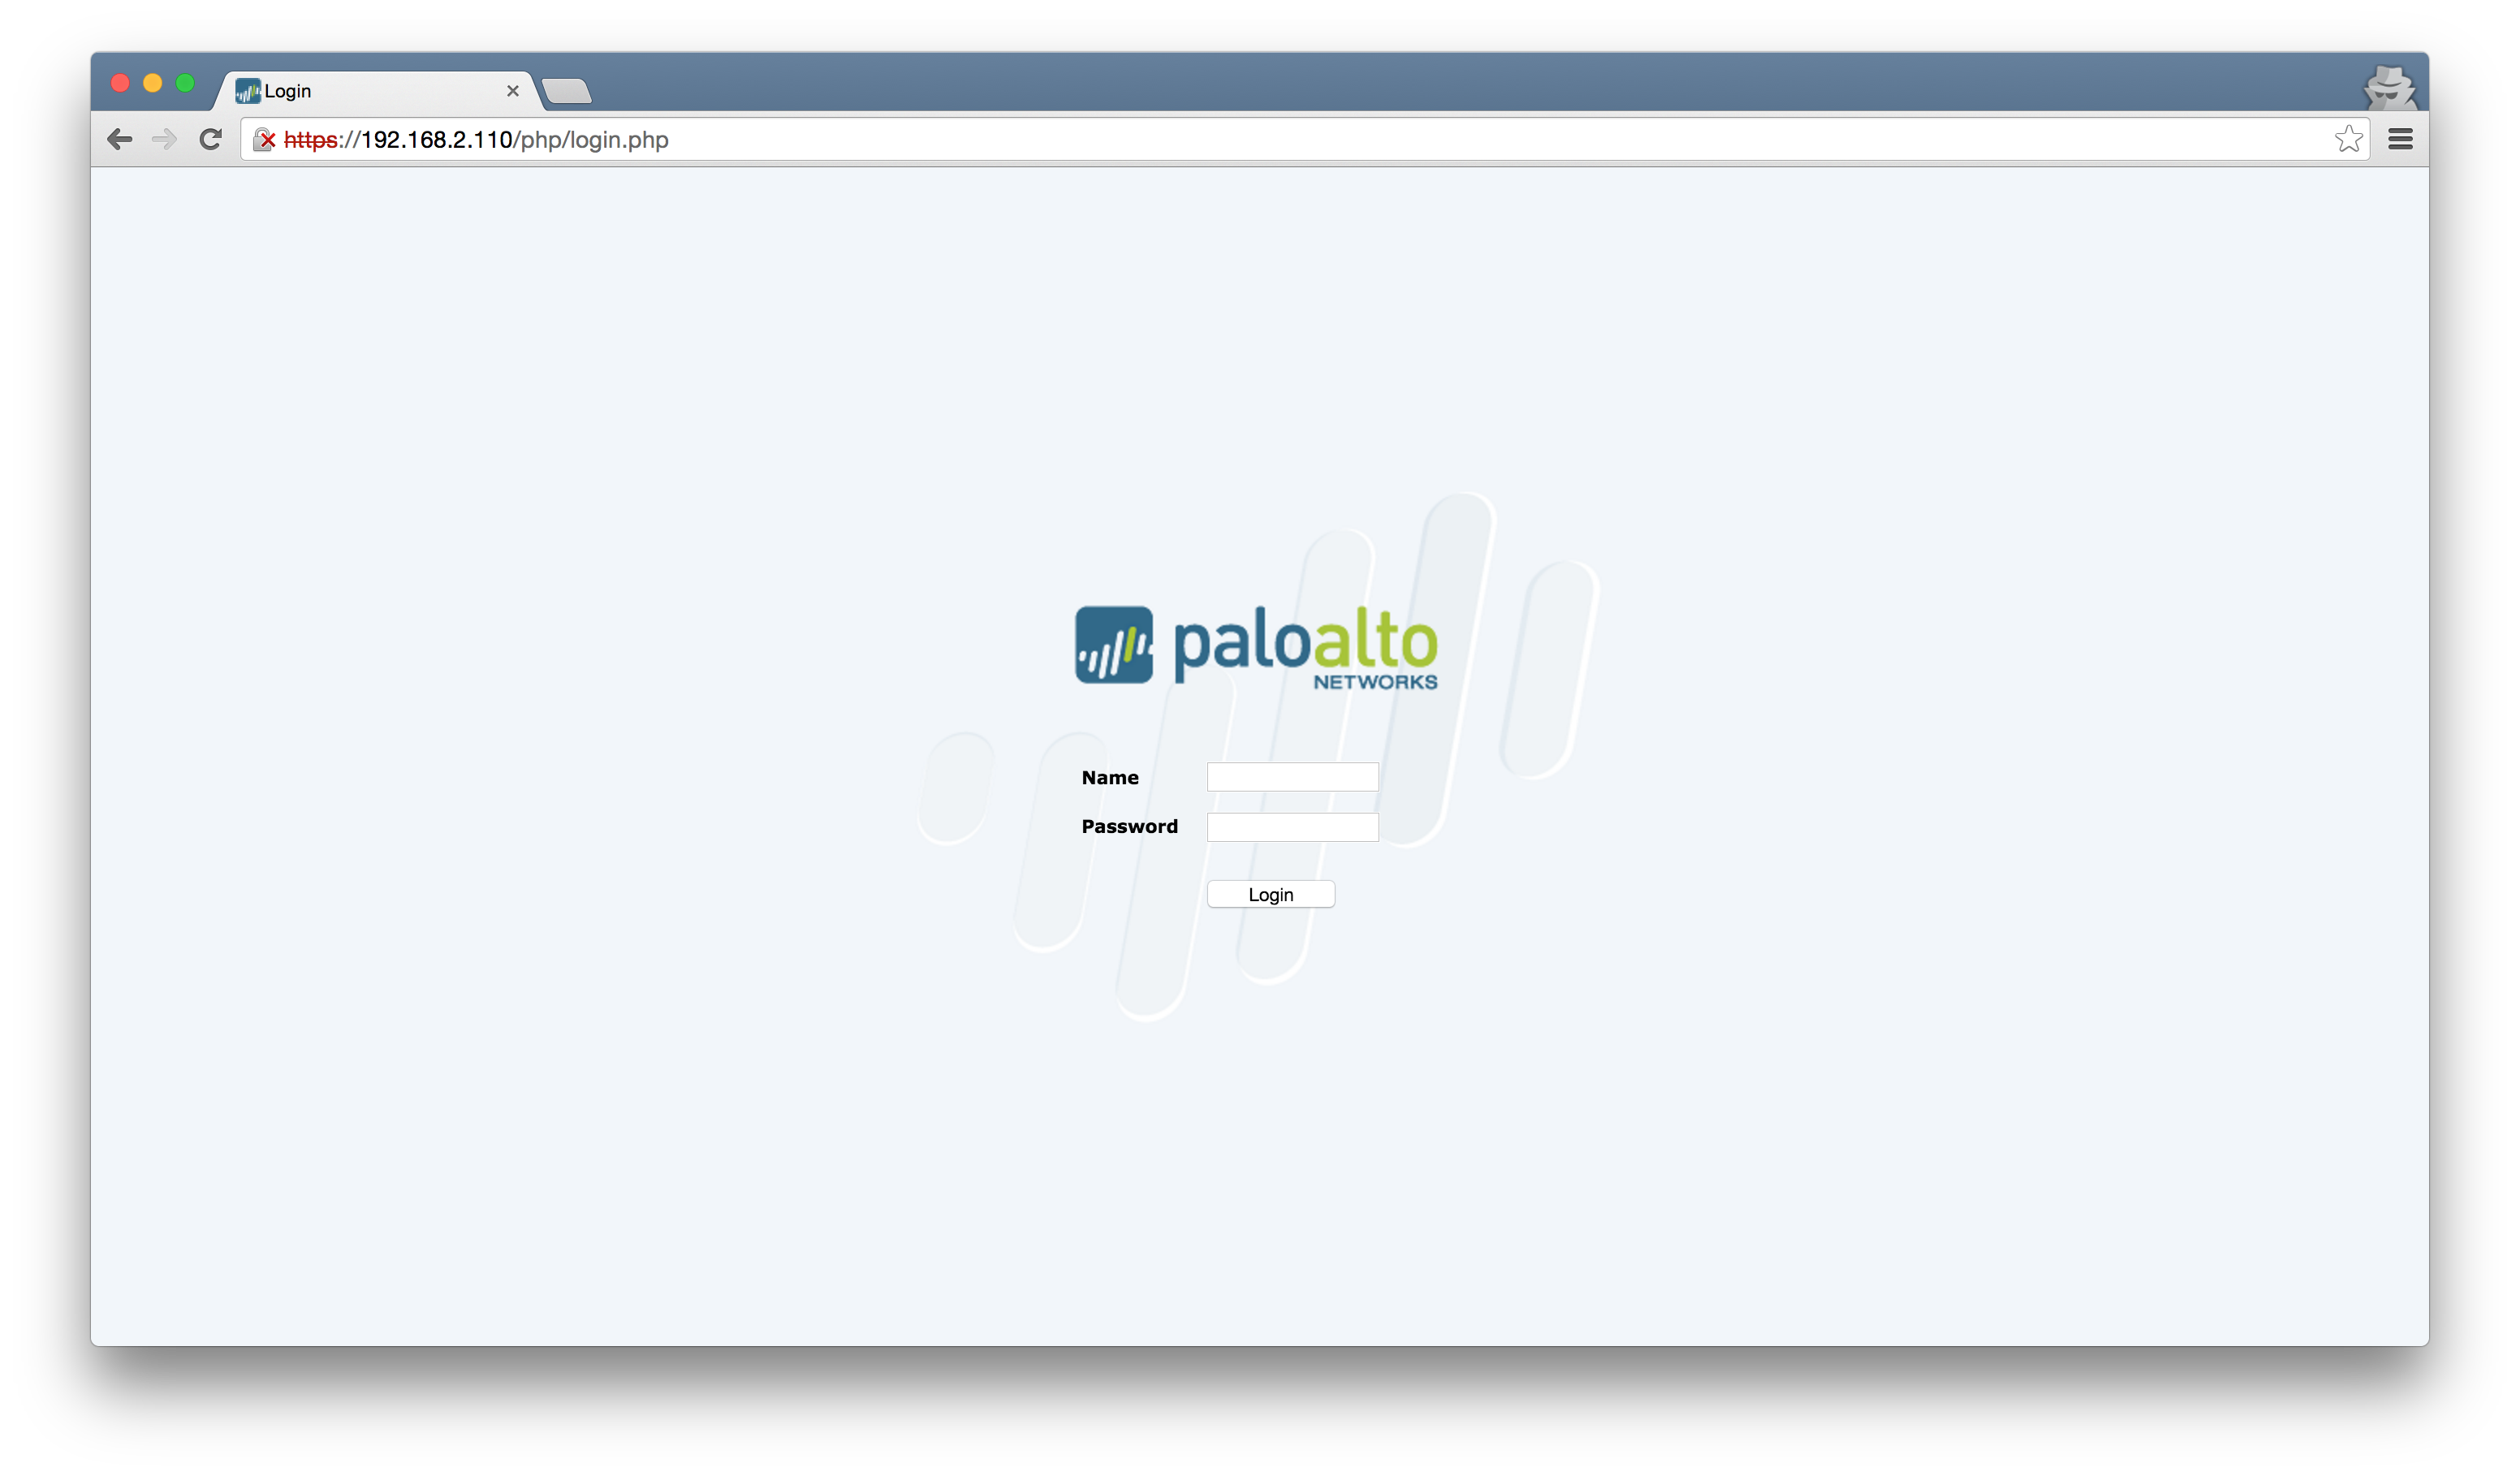 6b8573ffc2c0c0b40b0c3b2e6dab9f28 - Palo Alto To Palo Alto Vpn